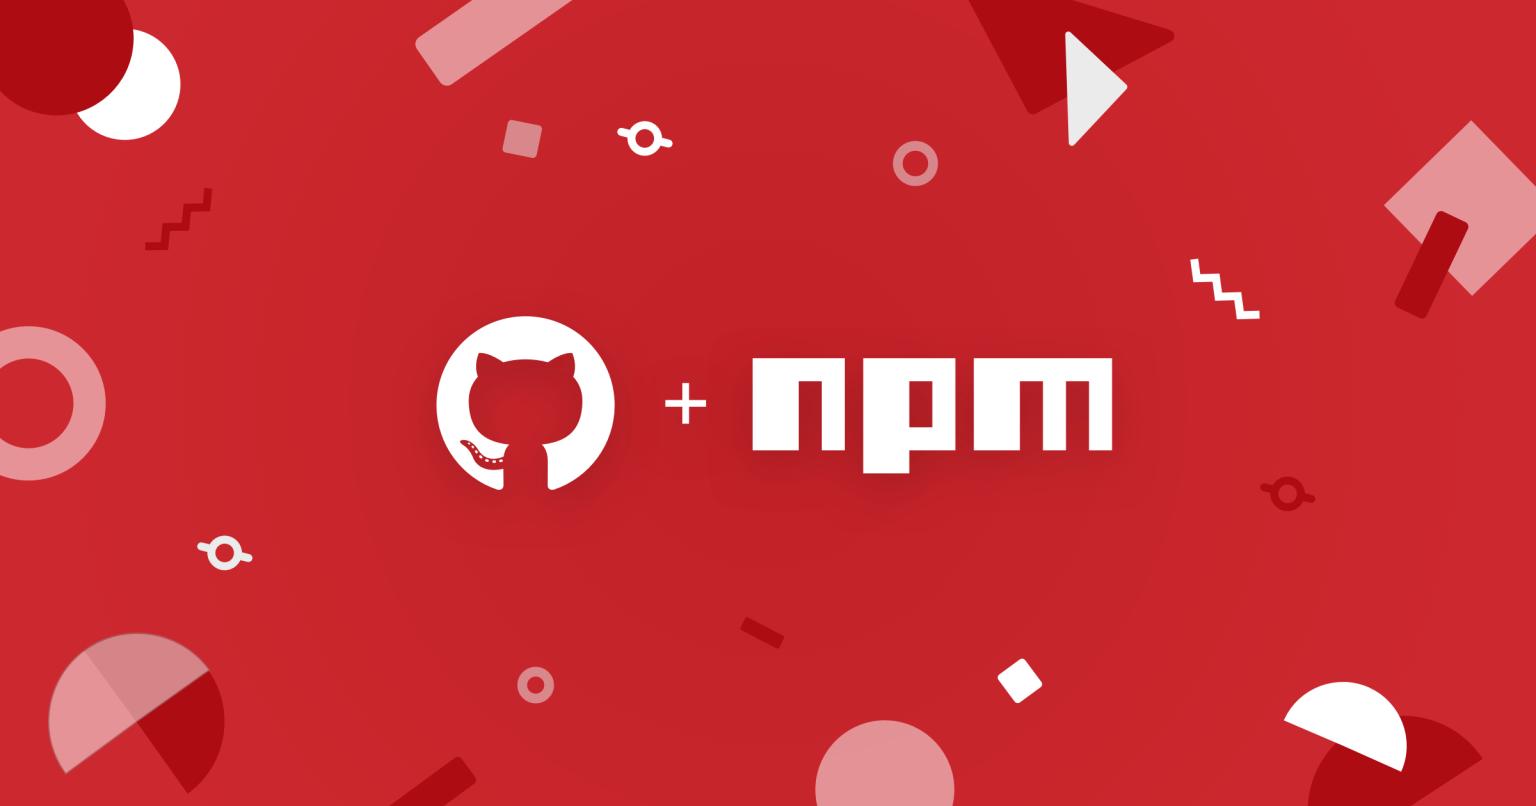 GitHub e Microsoft annunciano l'acquisizione di npm, big del JavaScript